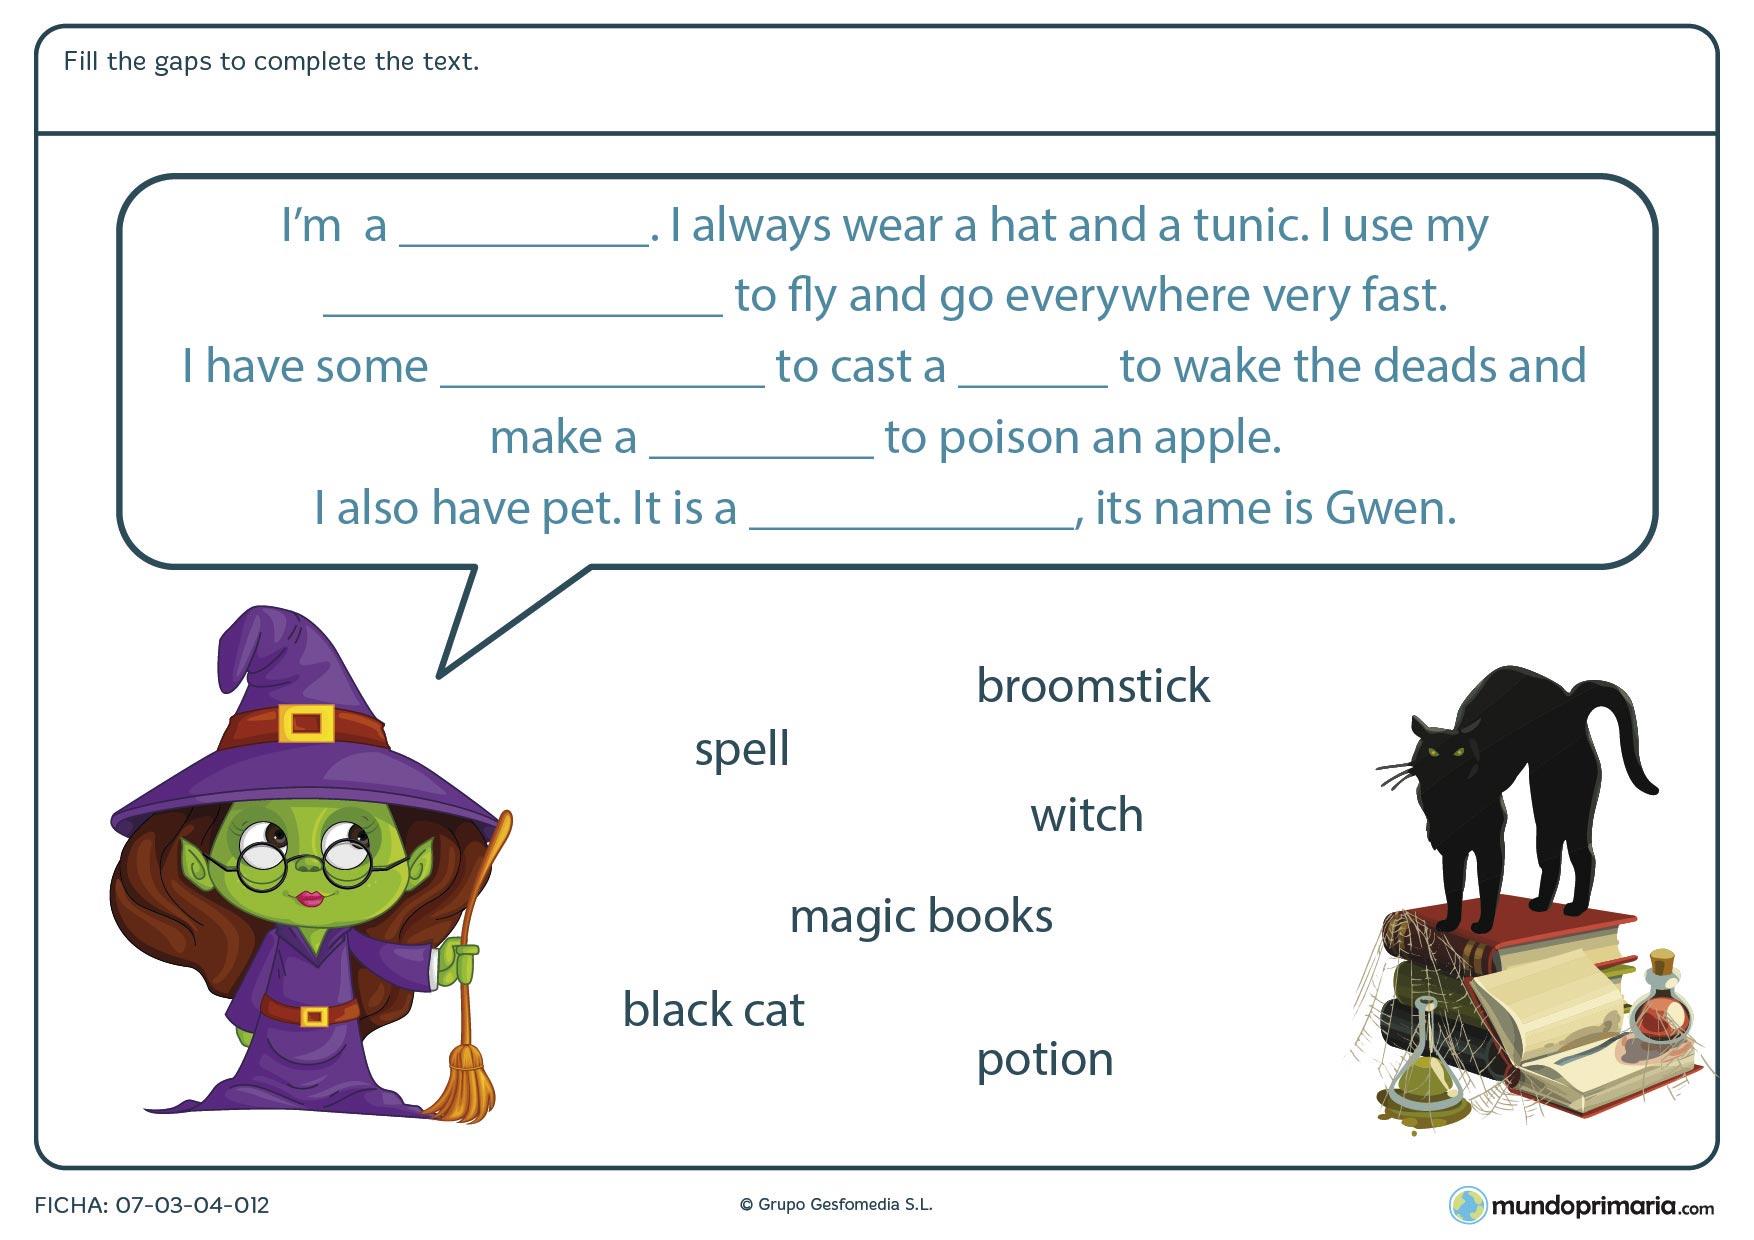 Ficha de fill the gaps to complete the text de Halloween en la que tendrás que rellenar los huecos que faltan en el texto con las palabras dadas debajo.